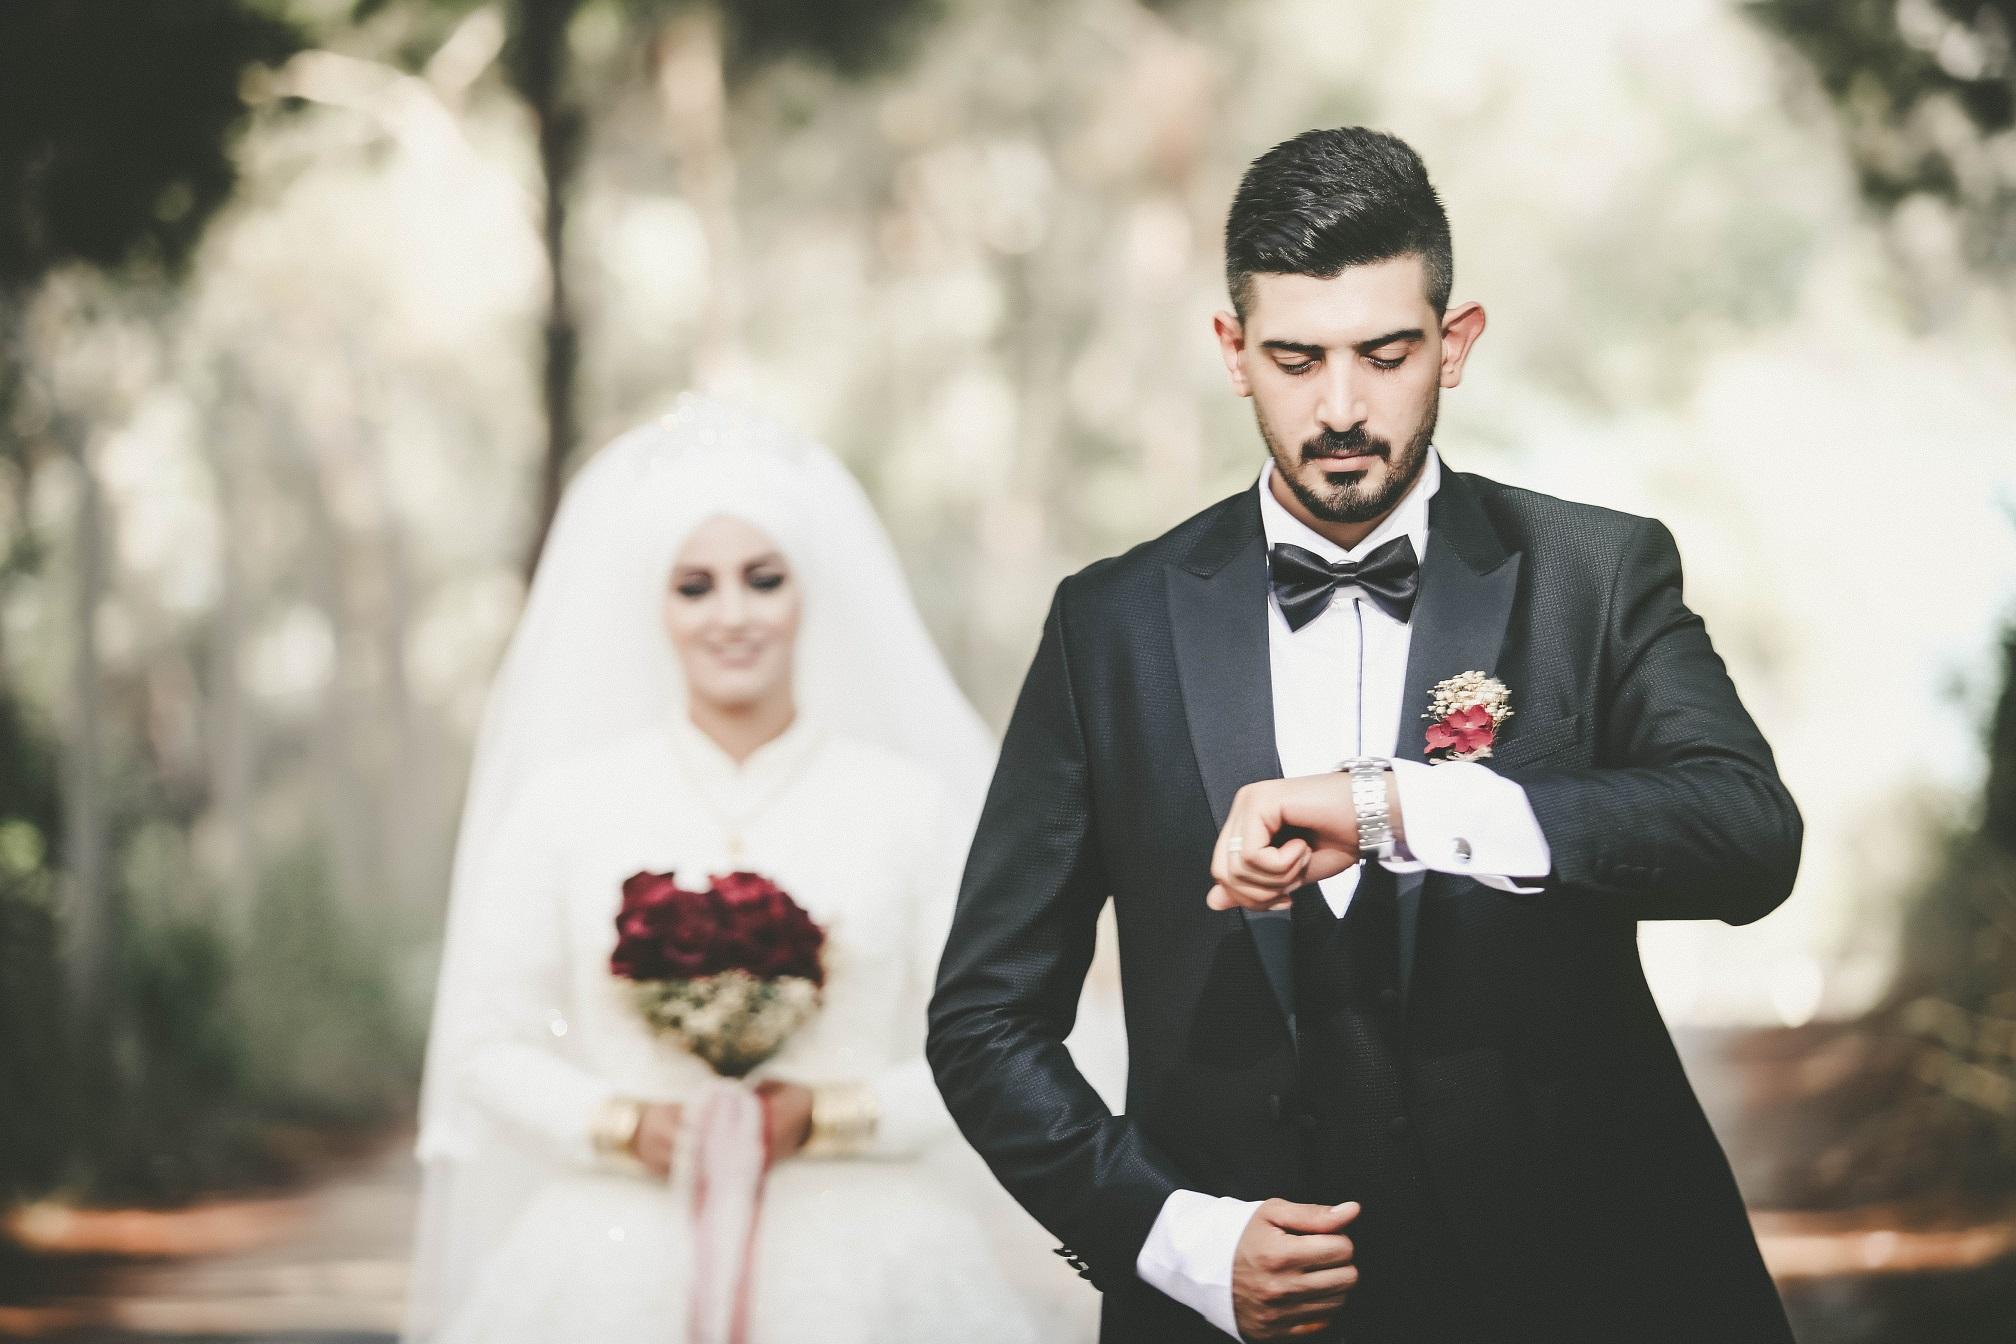 Düğün Fotoğrafları İçin Pozlar Önerileri